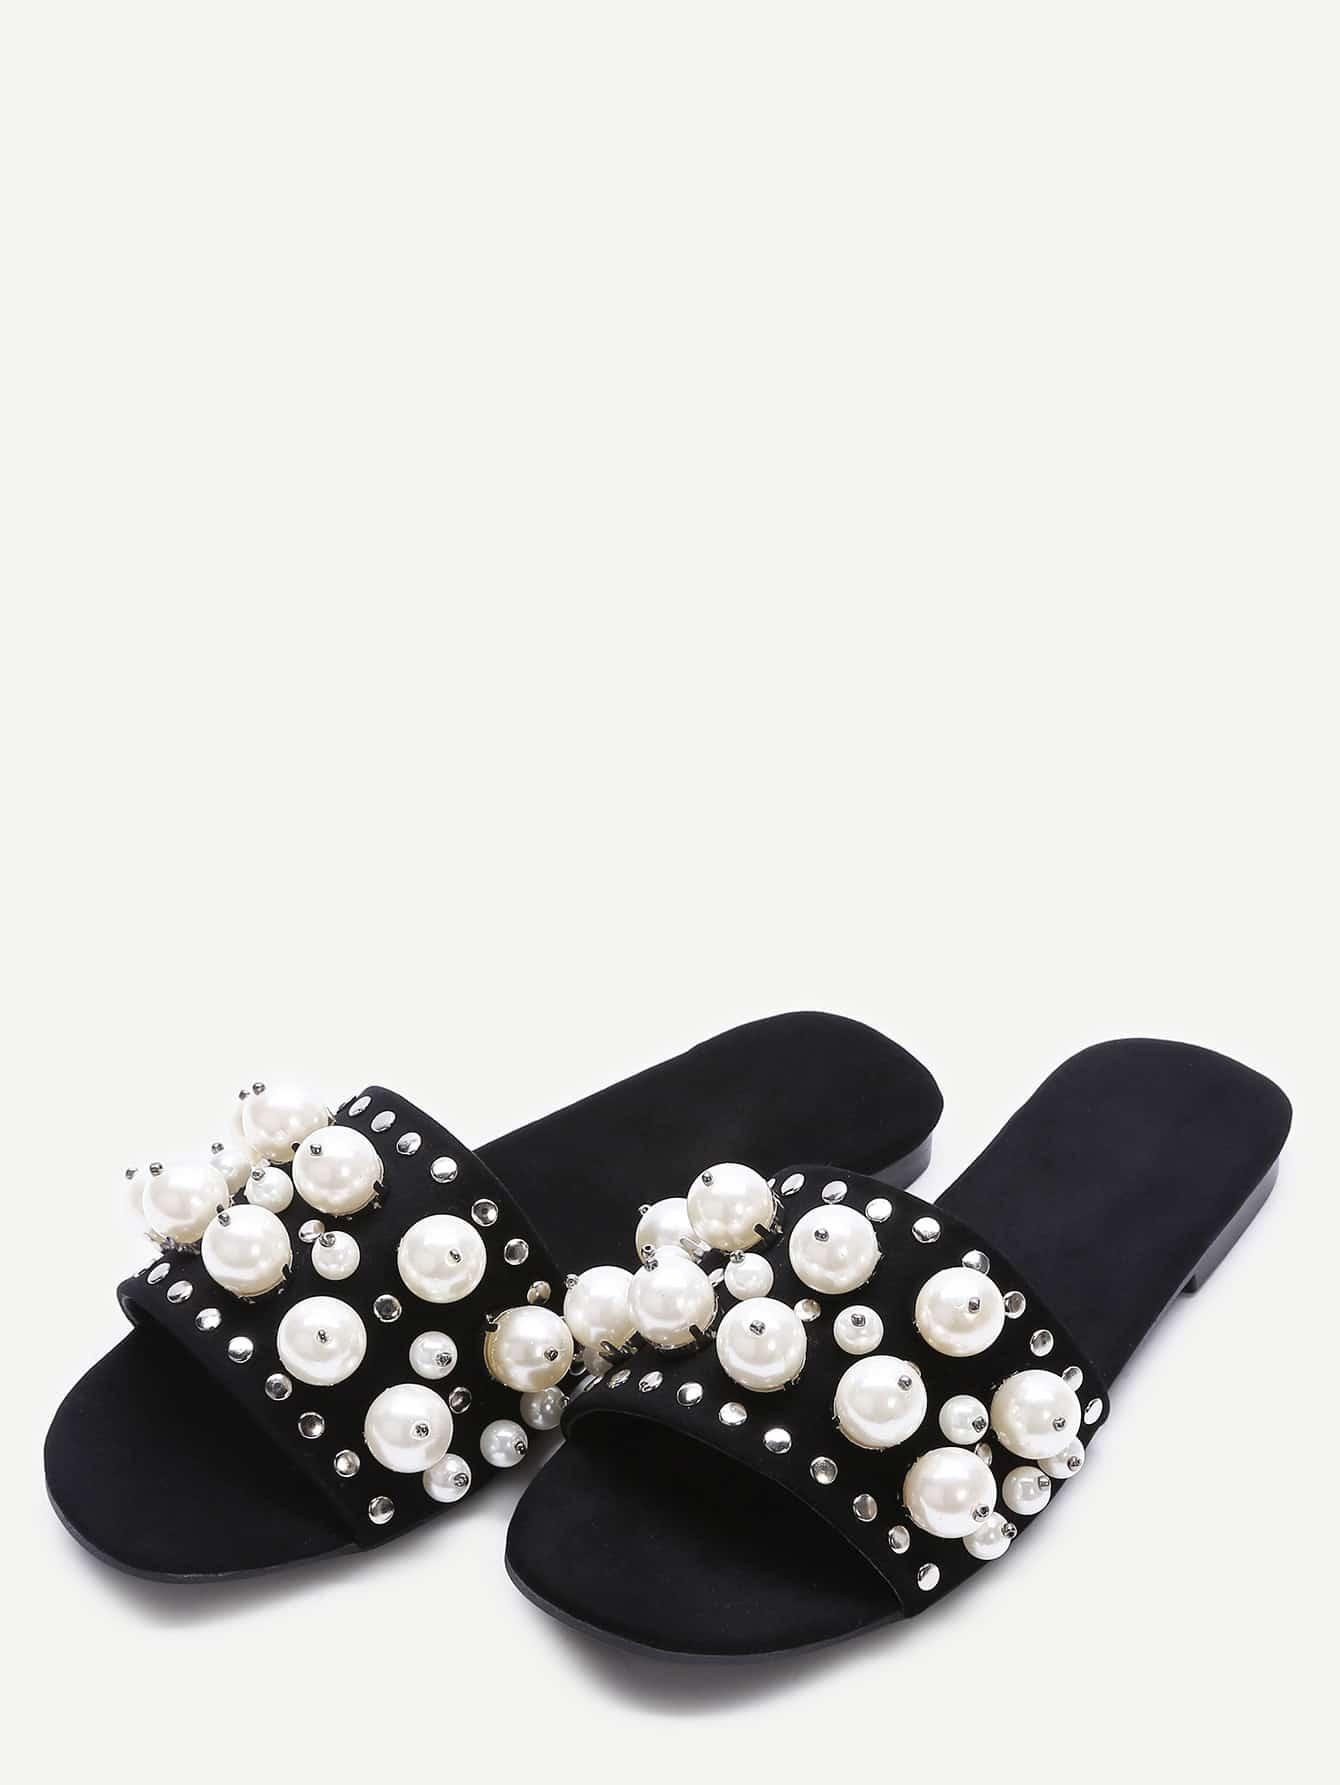 shoes161213804_2